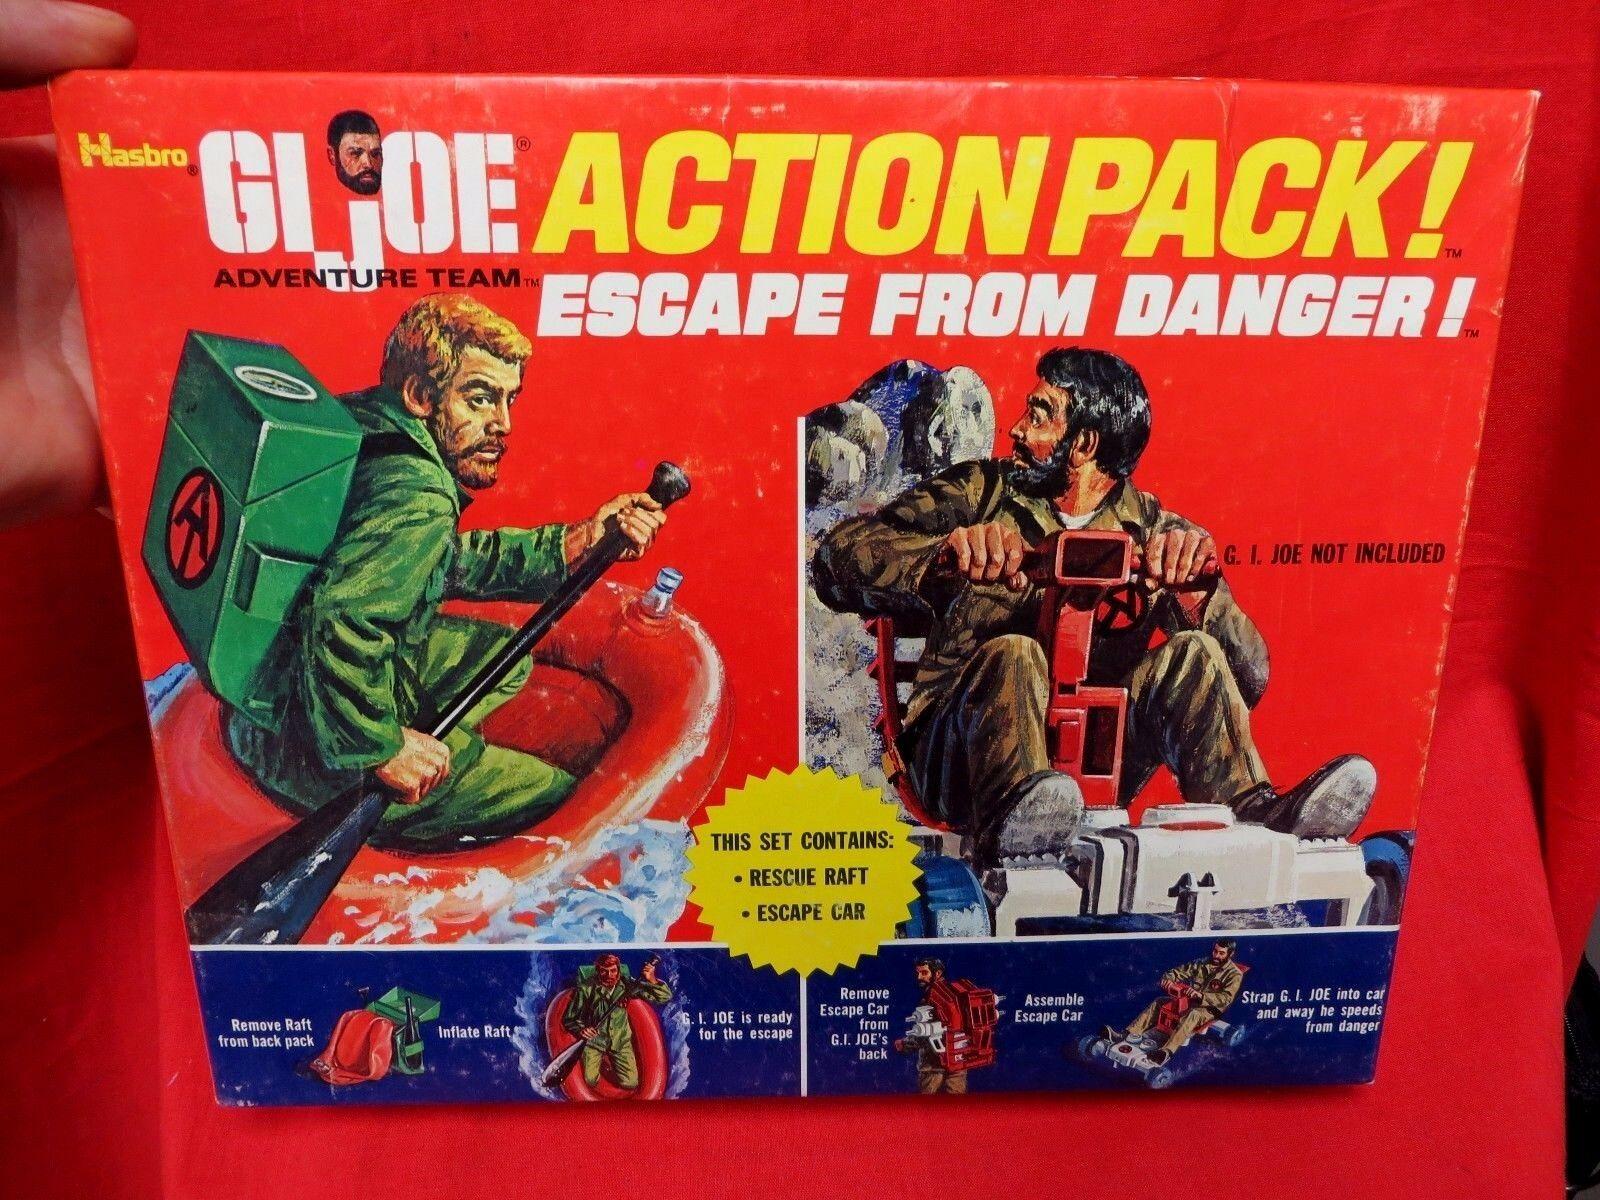 1964 1964 1964 vintage de GI Joe joezeta: 1971 Sears exclusivo paquete de acción escapar del peligro f6ef5a